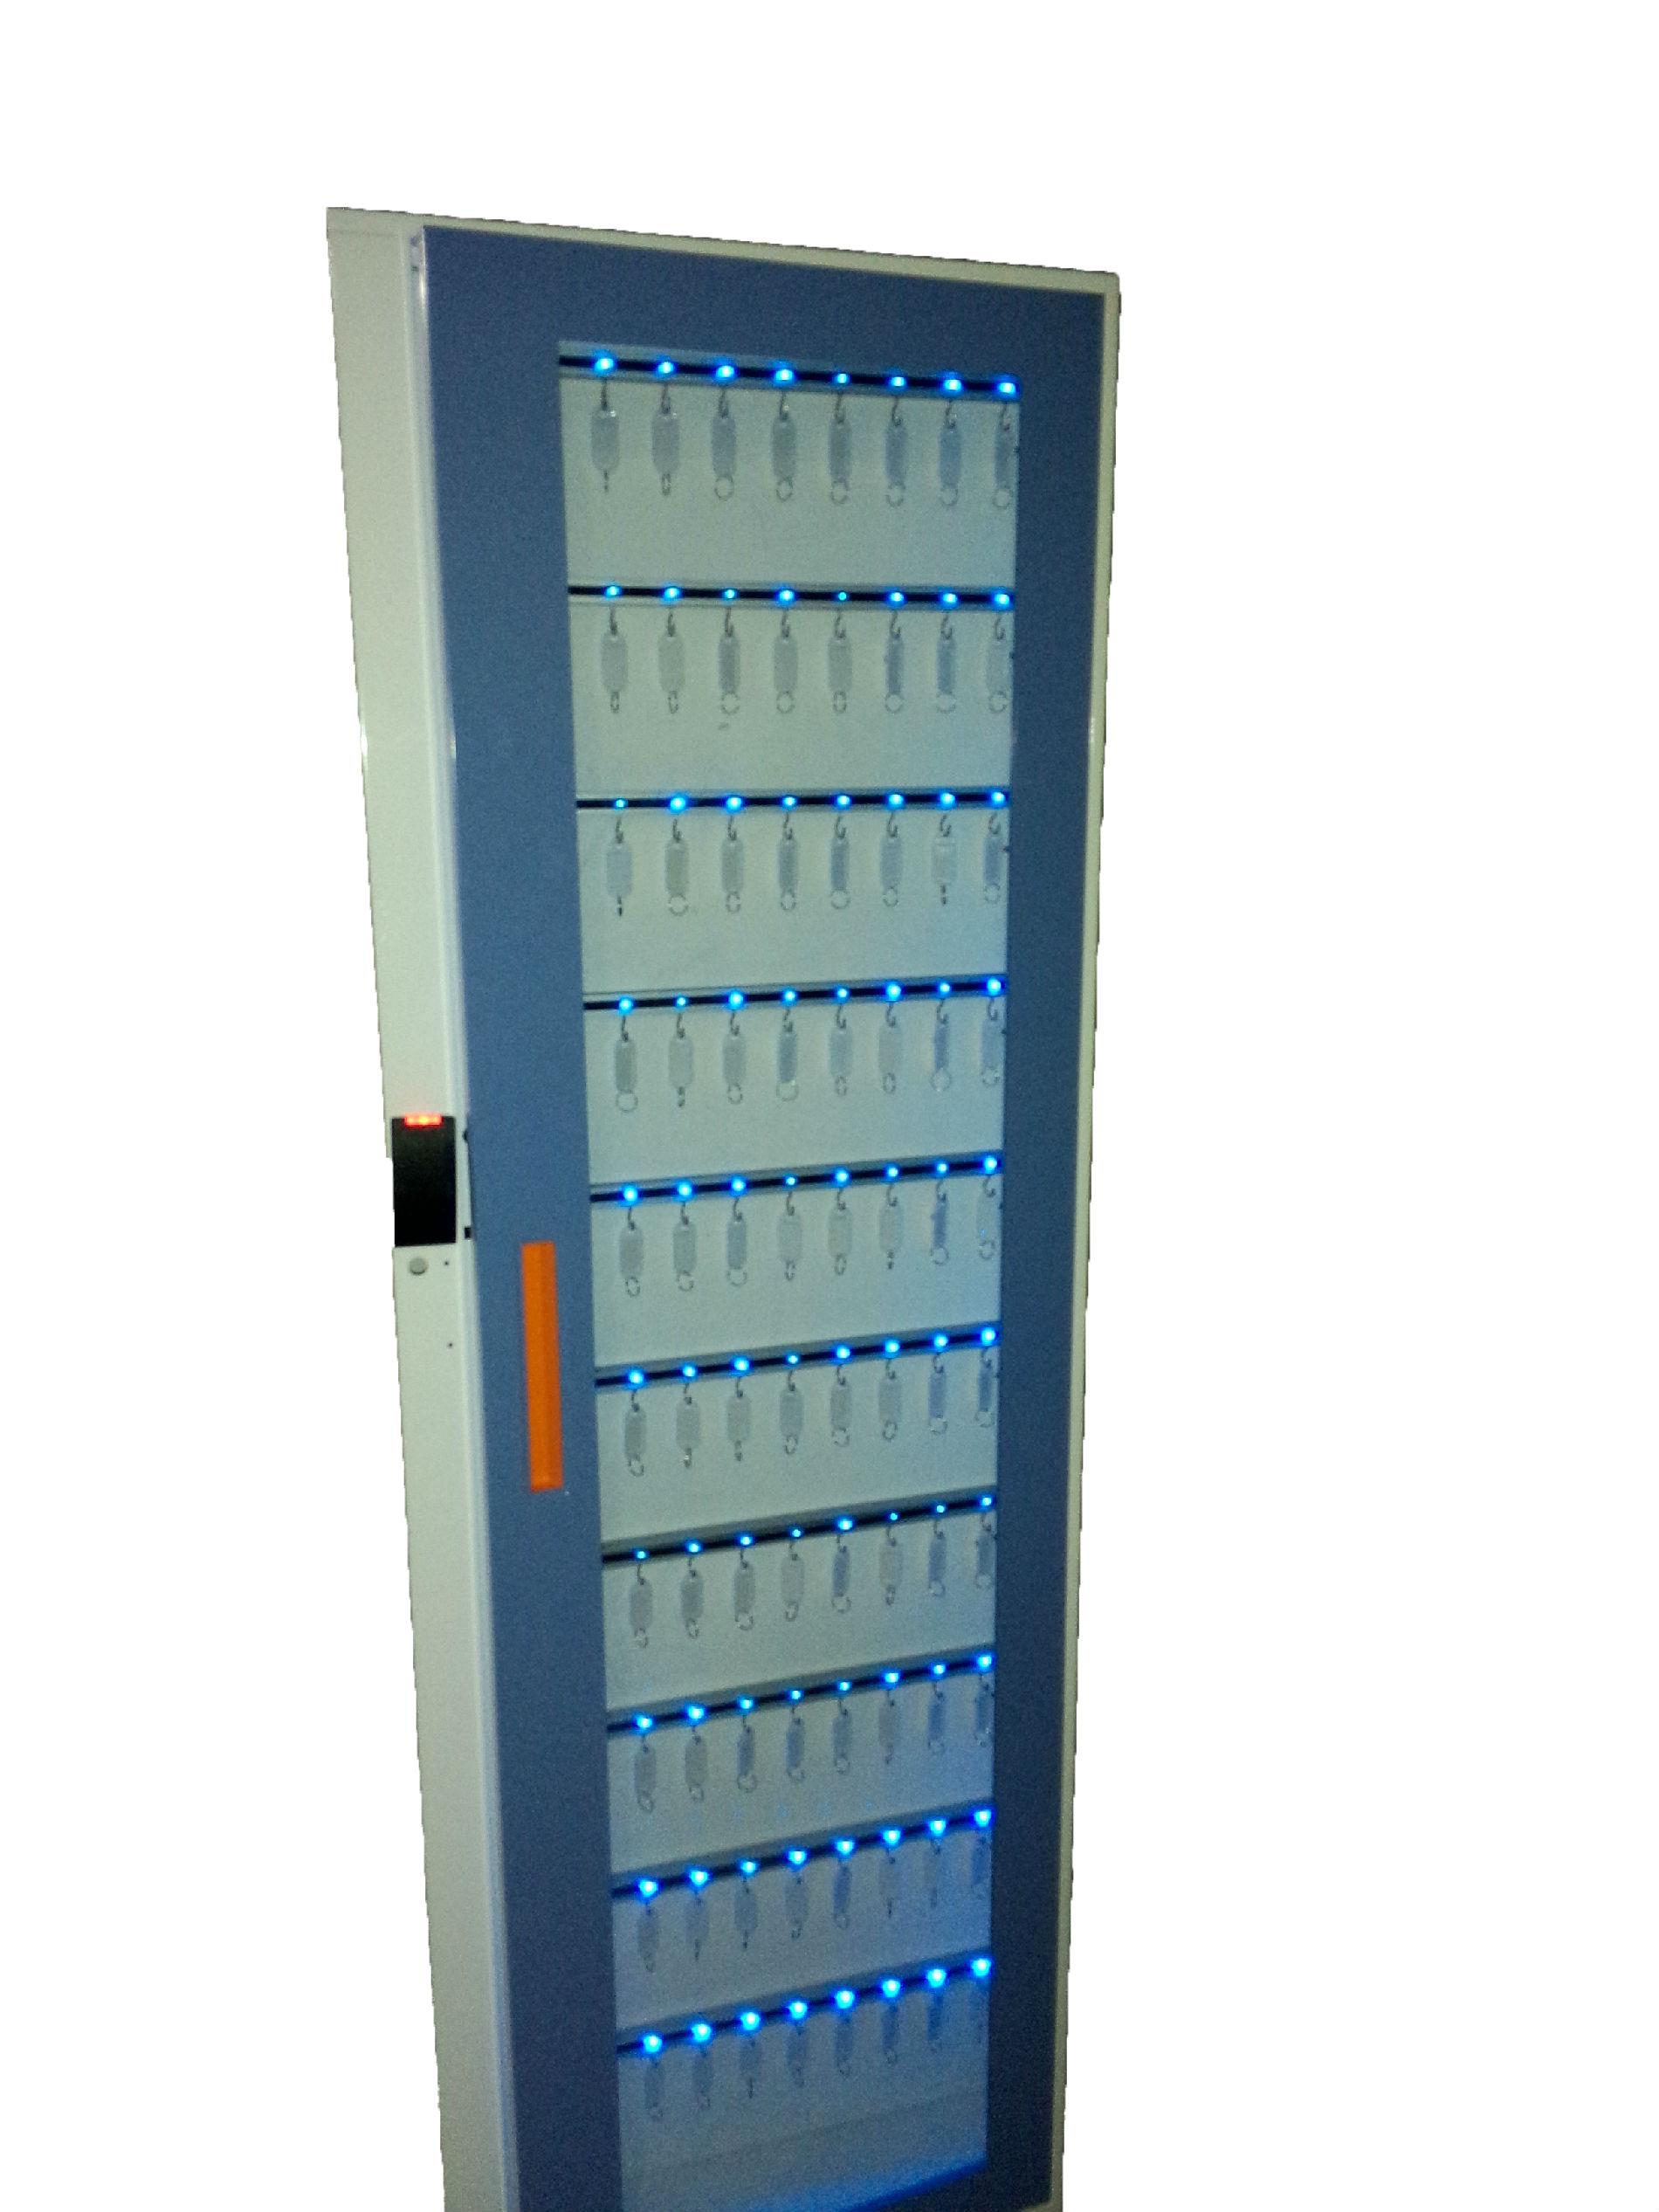 埃克萨斯 停车场专用智能钥匙柜 E-key2 电控智能钥匙柜钥匙箱